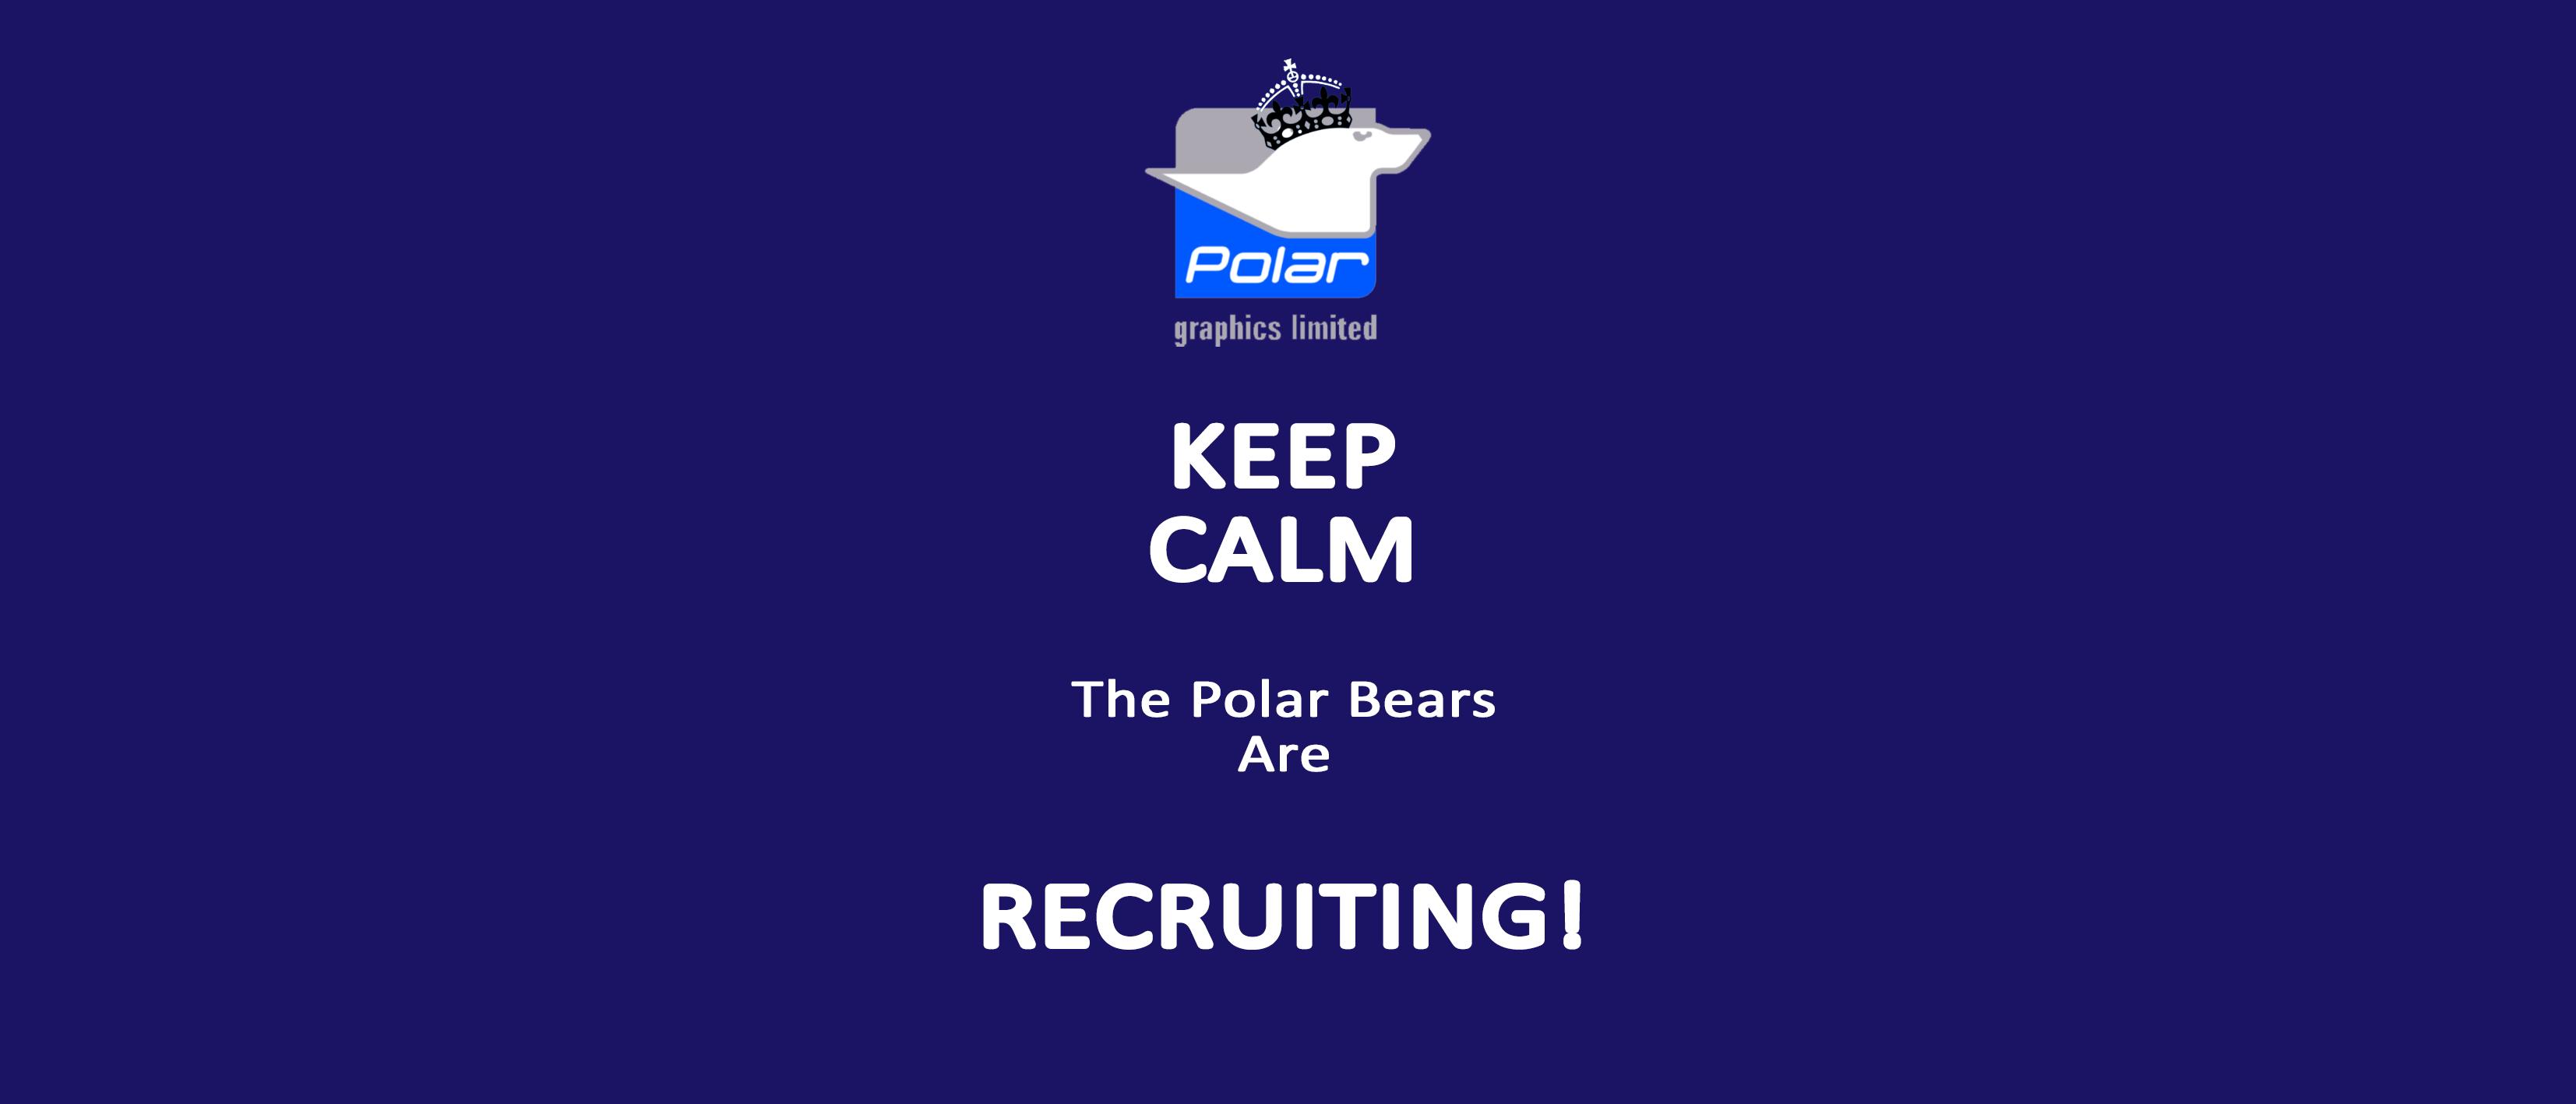 Polar Keep Calm_Polar Are Recruiting